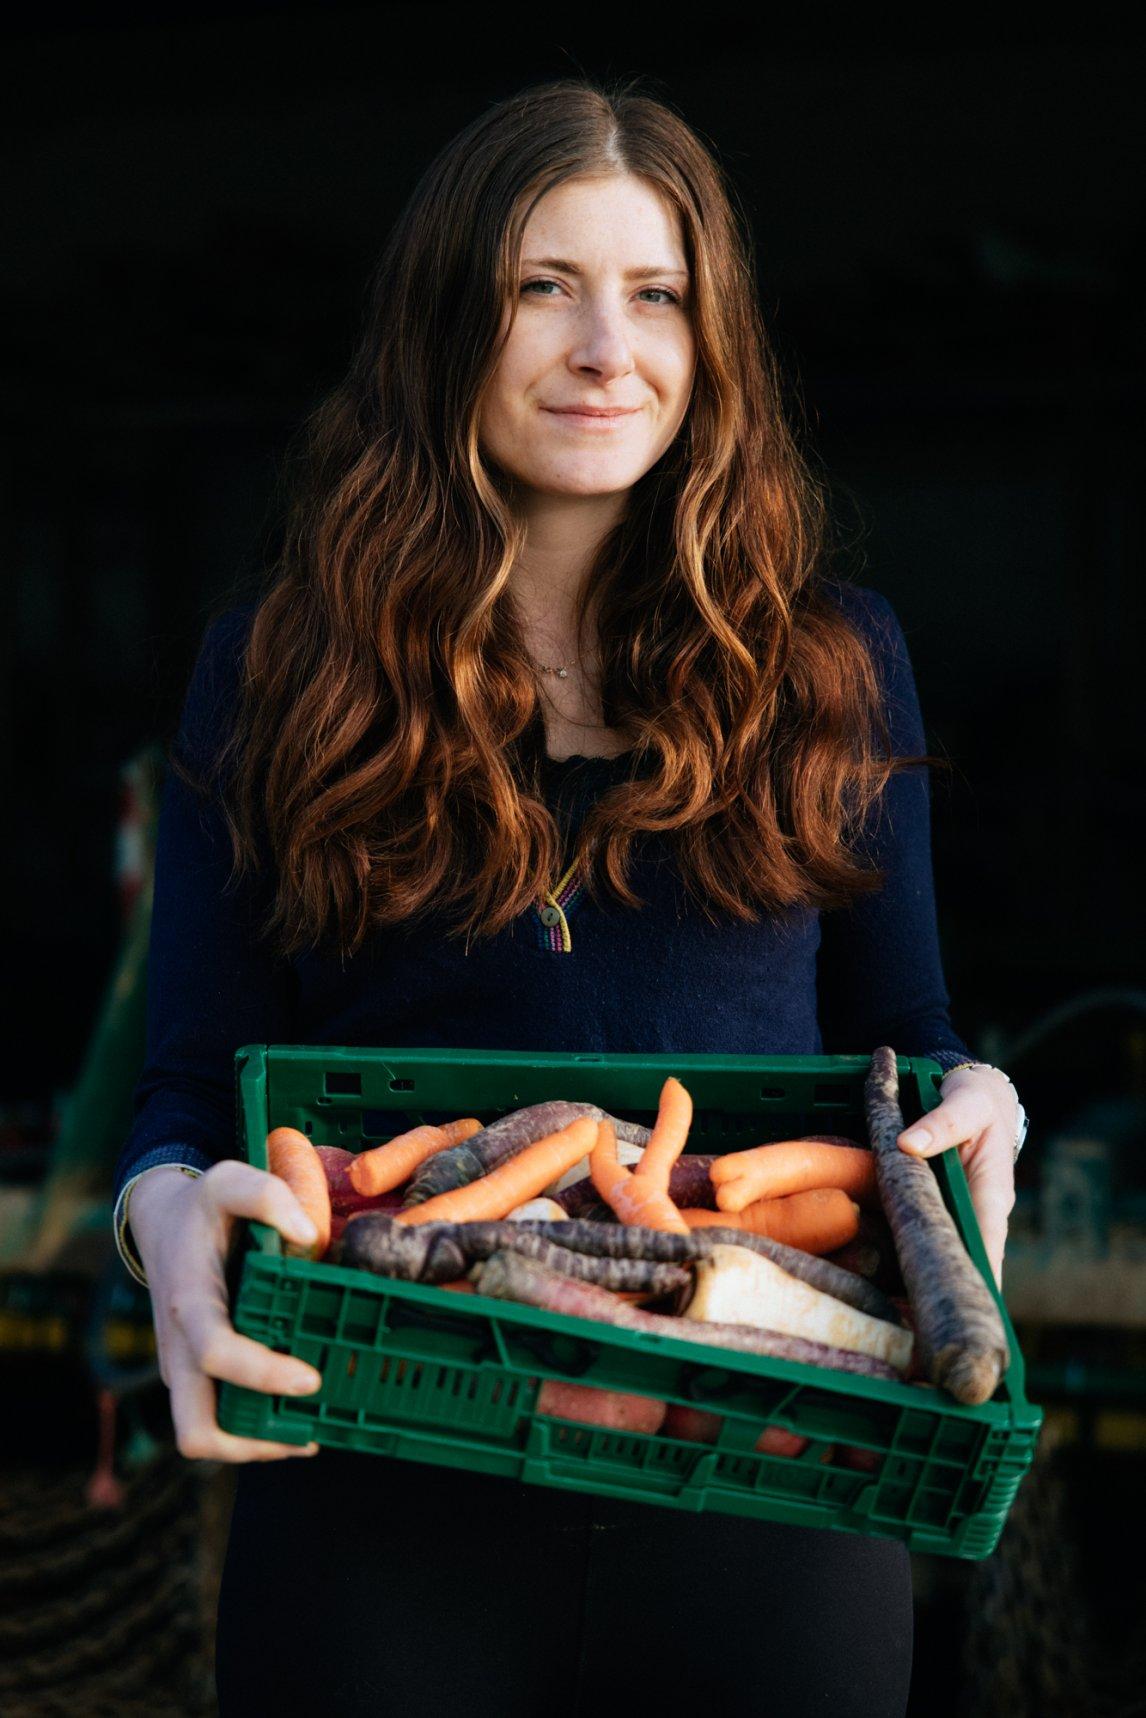 <p>EIN HOCH AUF DIE VIELFALT Biobäuerin Barbara Knötzinger zeigt ihre Gemüseernte. KrummeKarotten, wie ihre,kommen selten in den Handel</p>